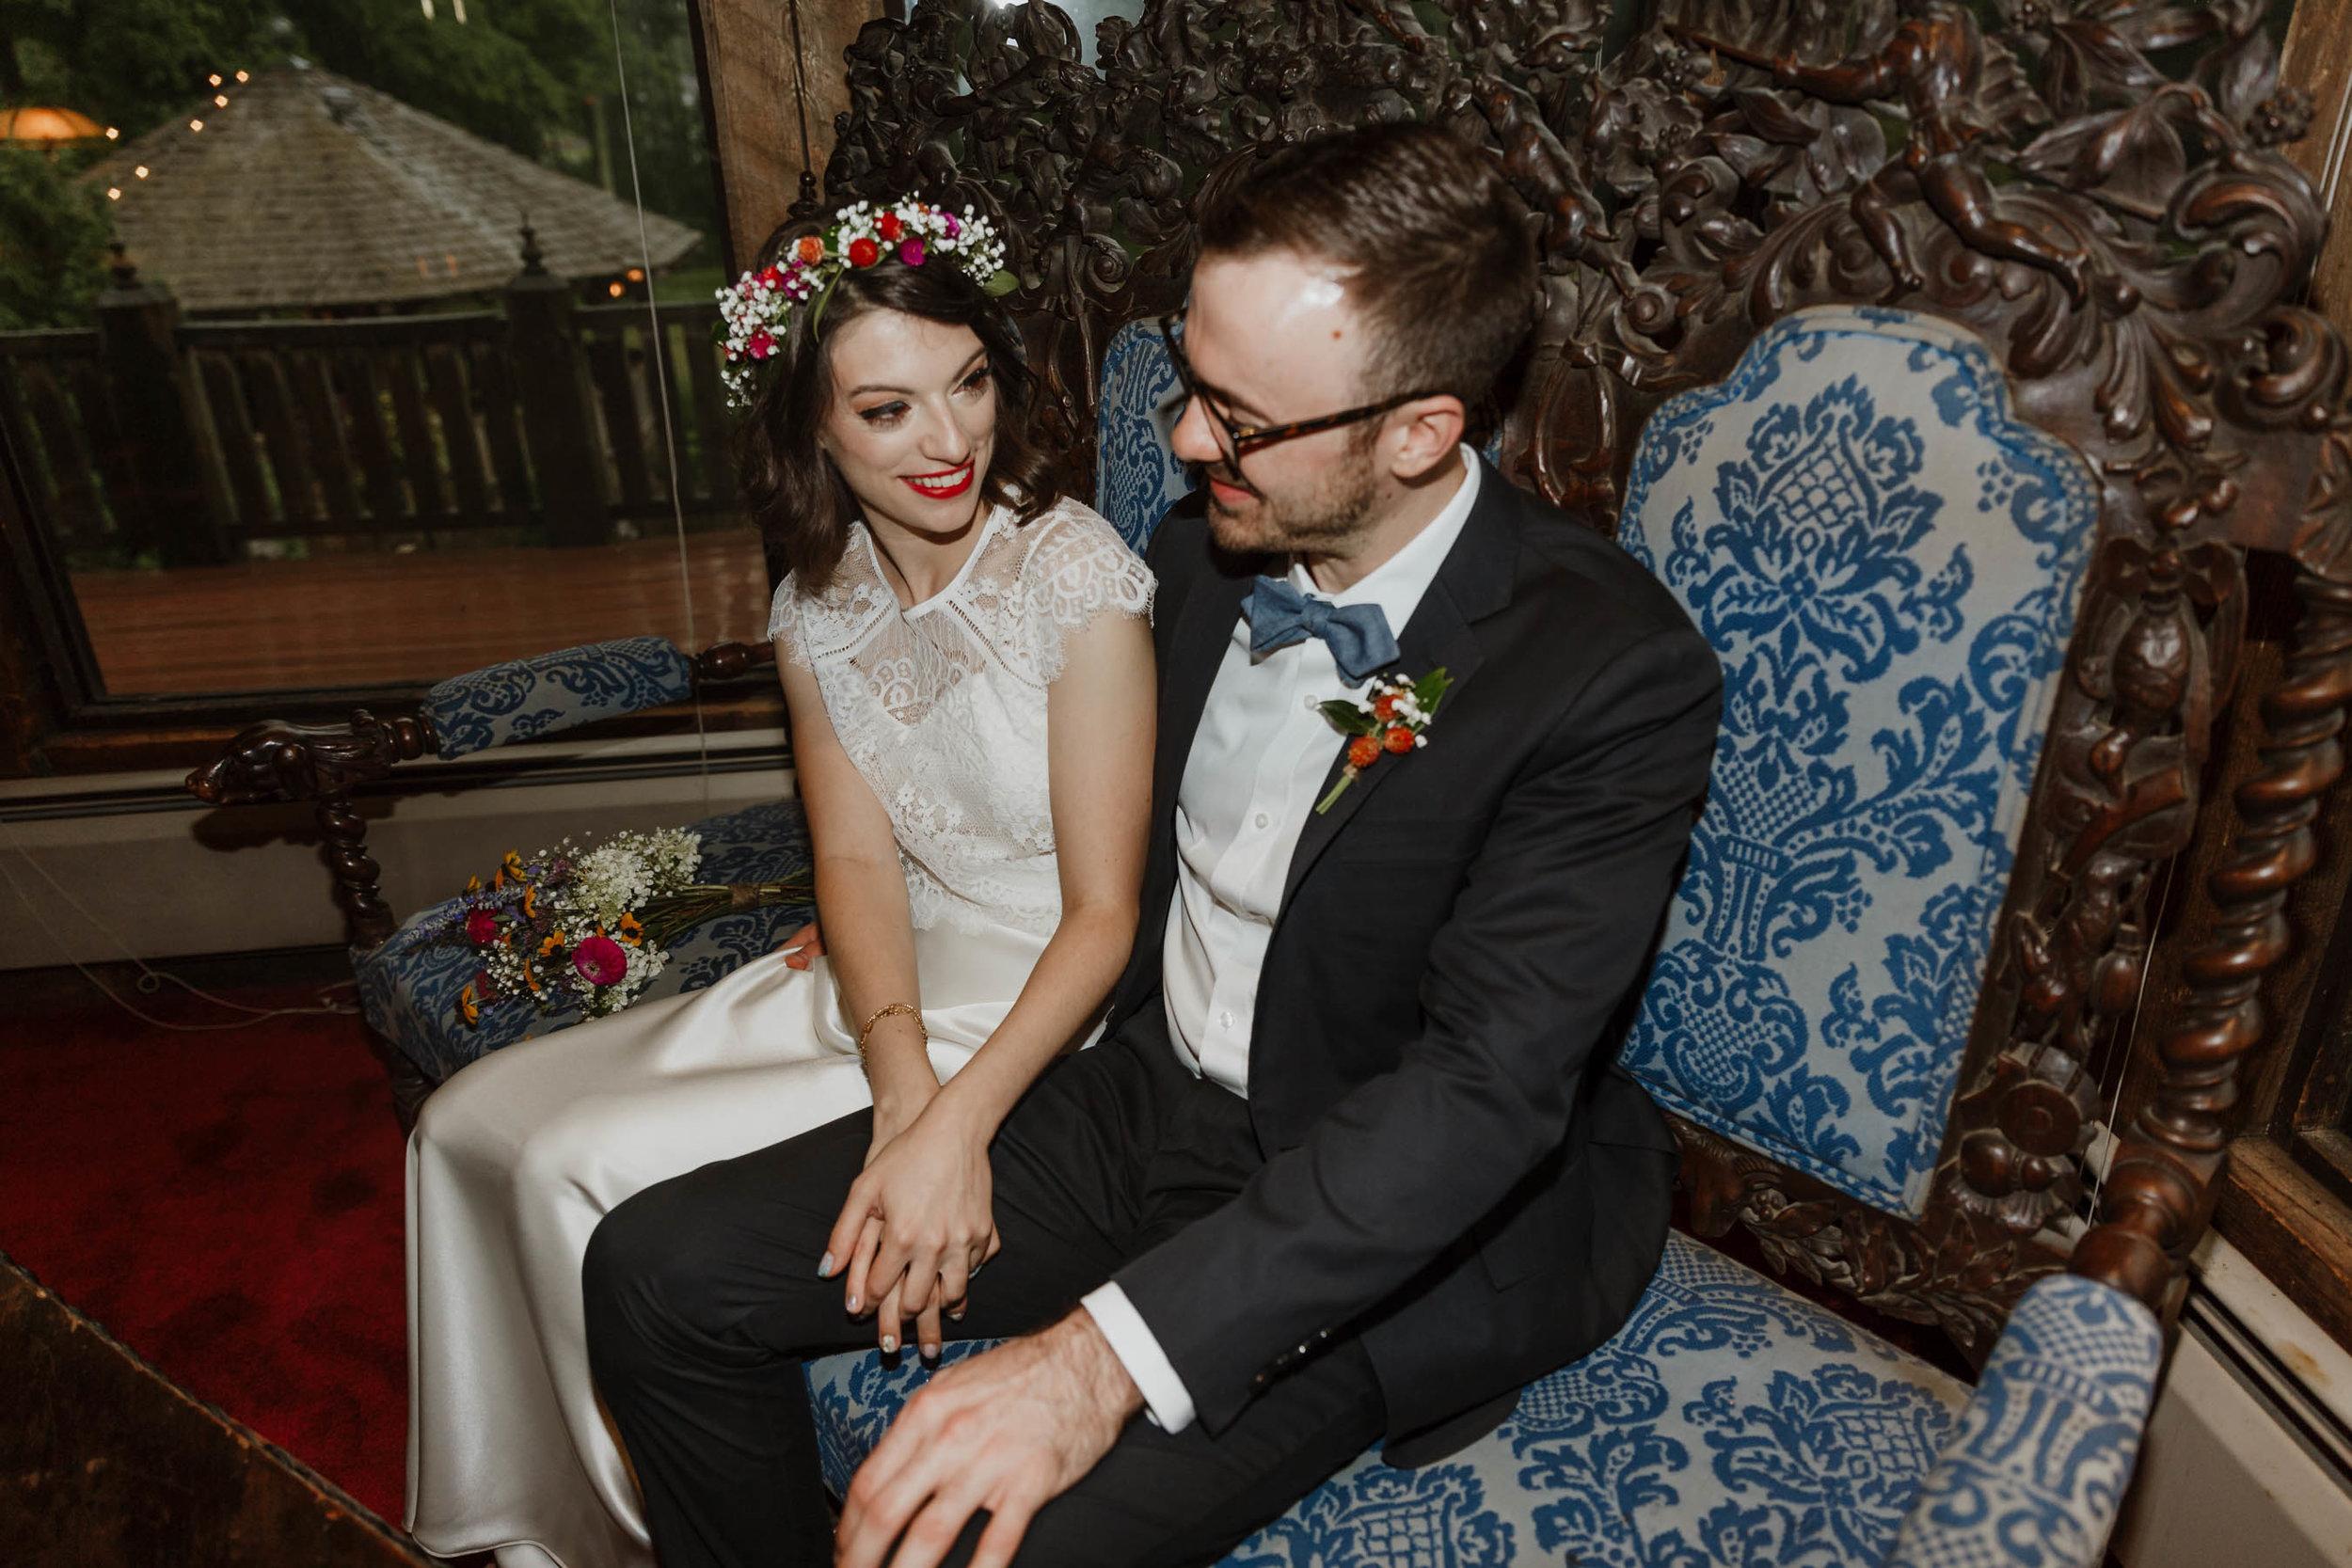 gothic-castle-wedding-elizabeth-tsung-photo-11.jpg